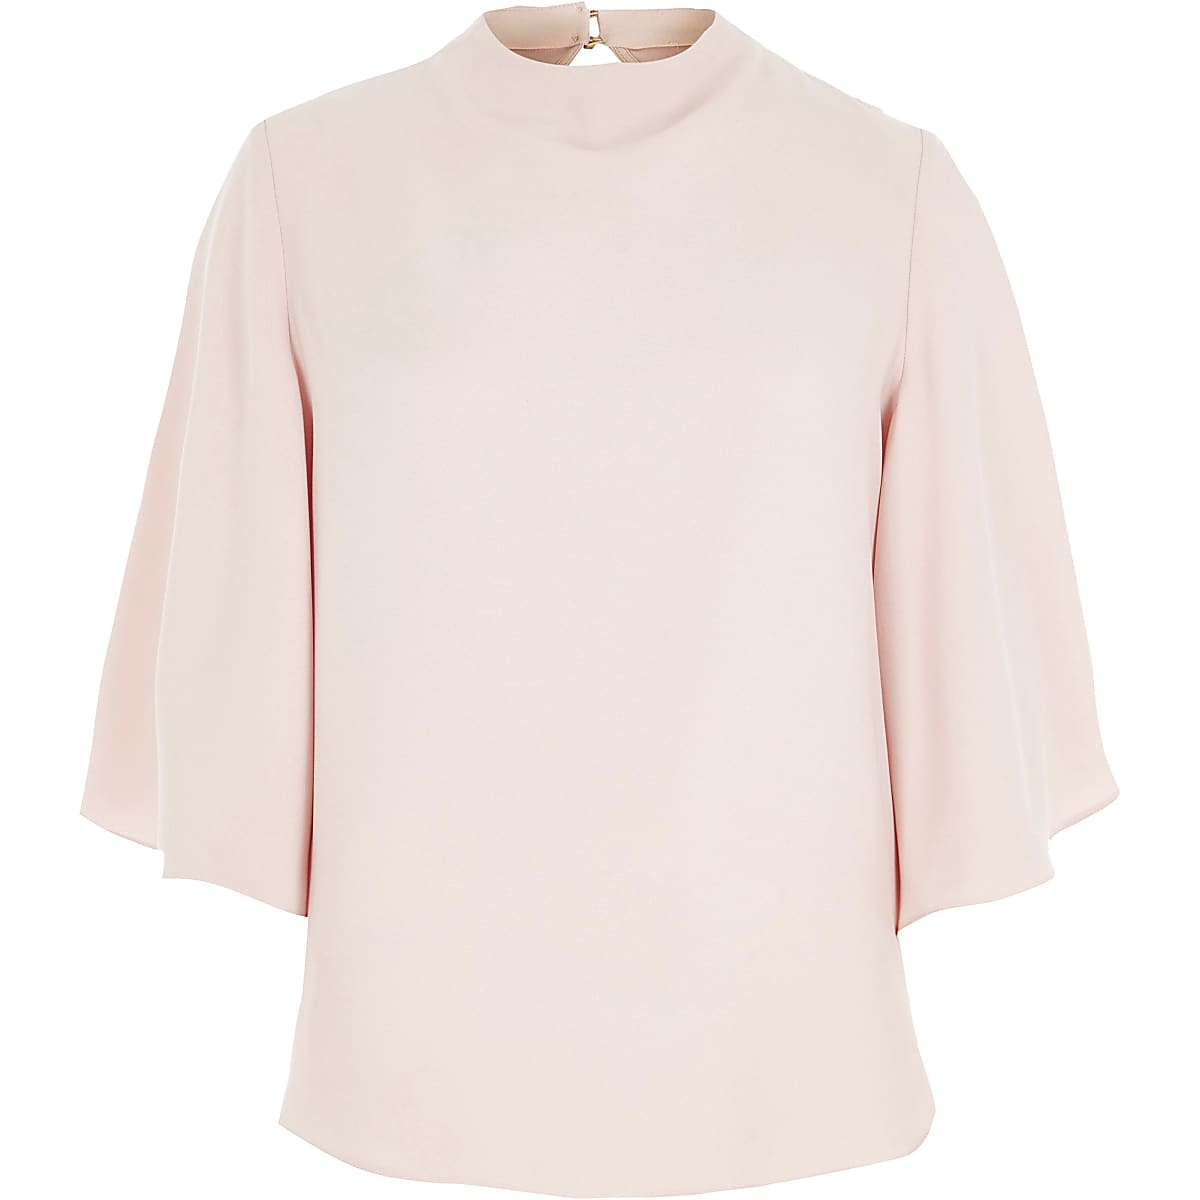 Light pink high neck cape sleeve top